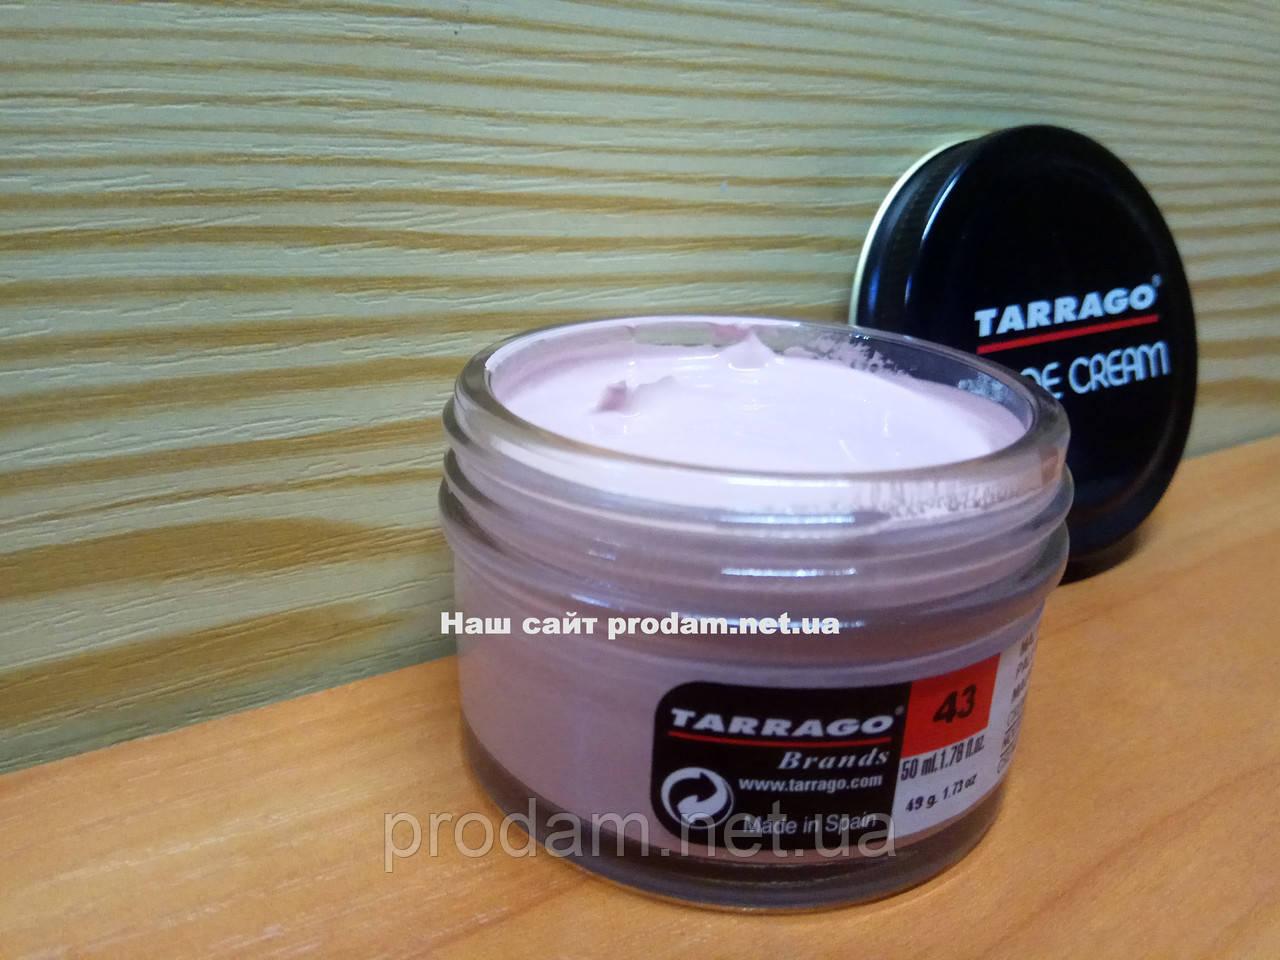 Крем для обуви Tarrago -№ 043-pale mauve